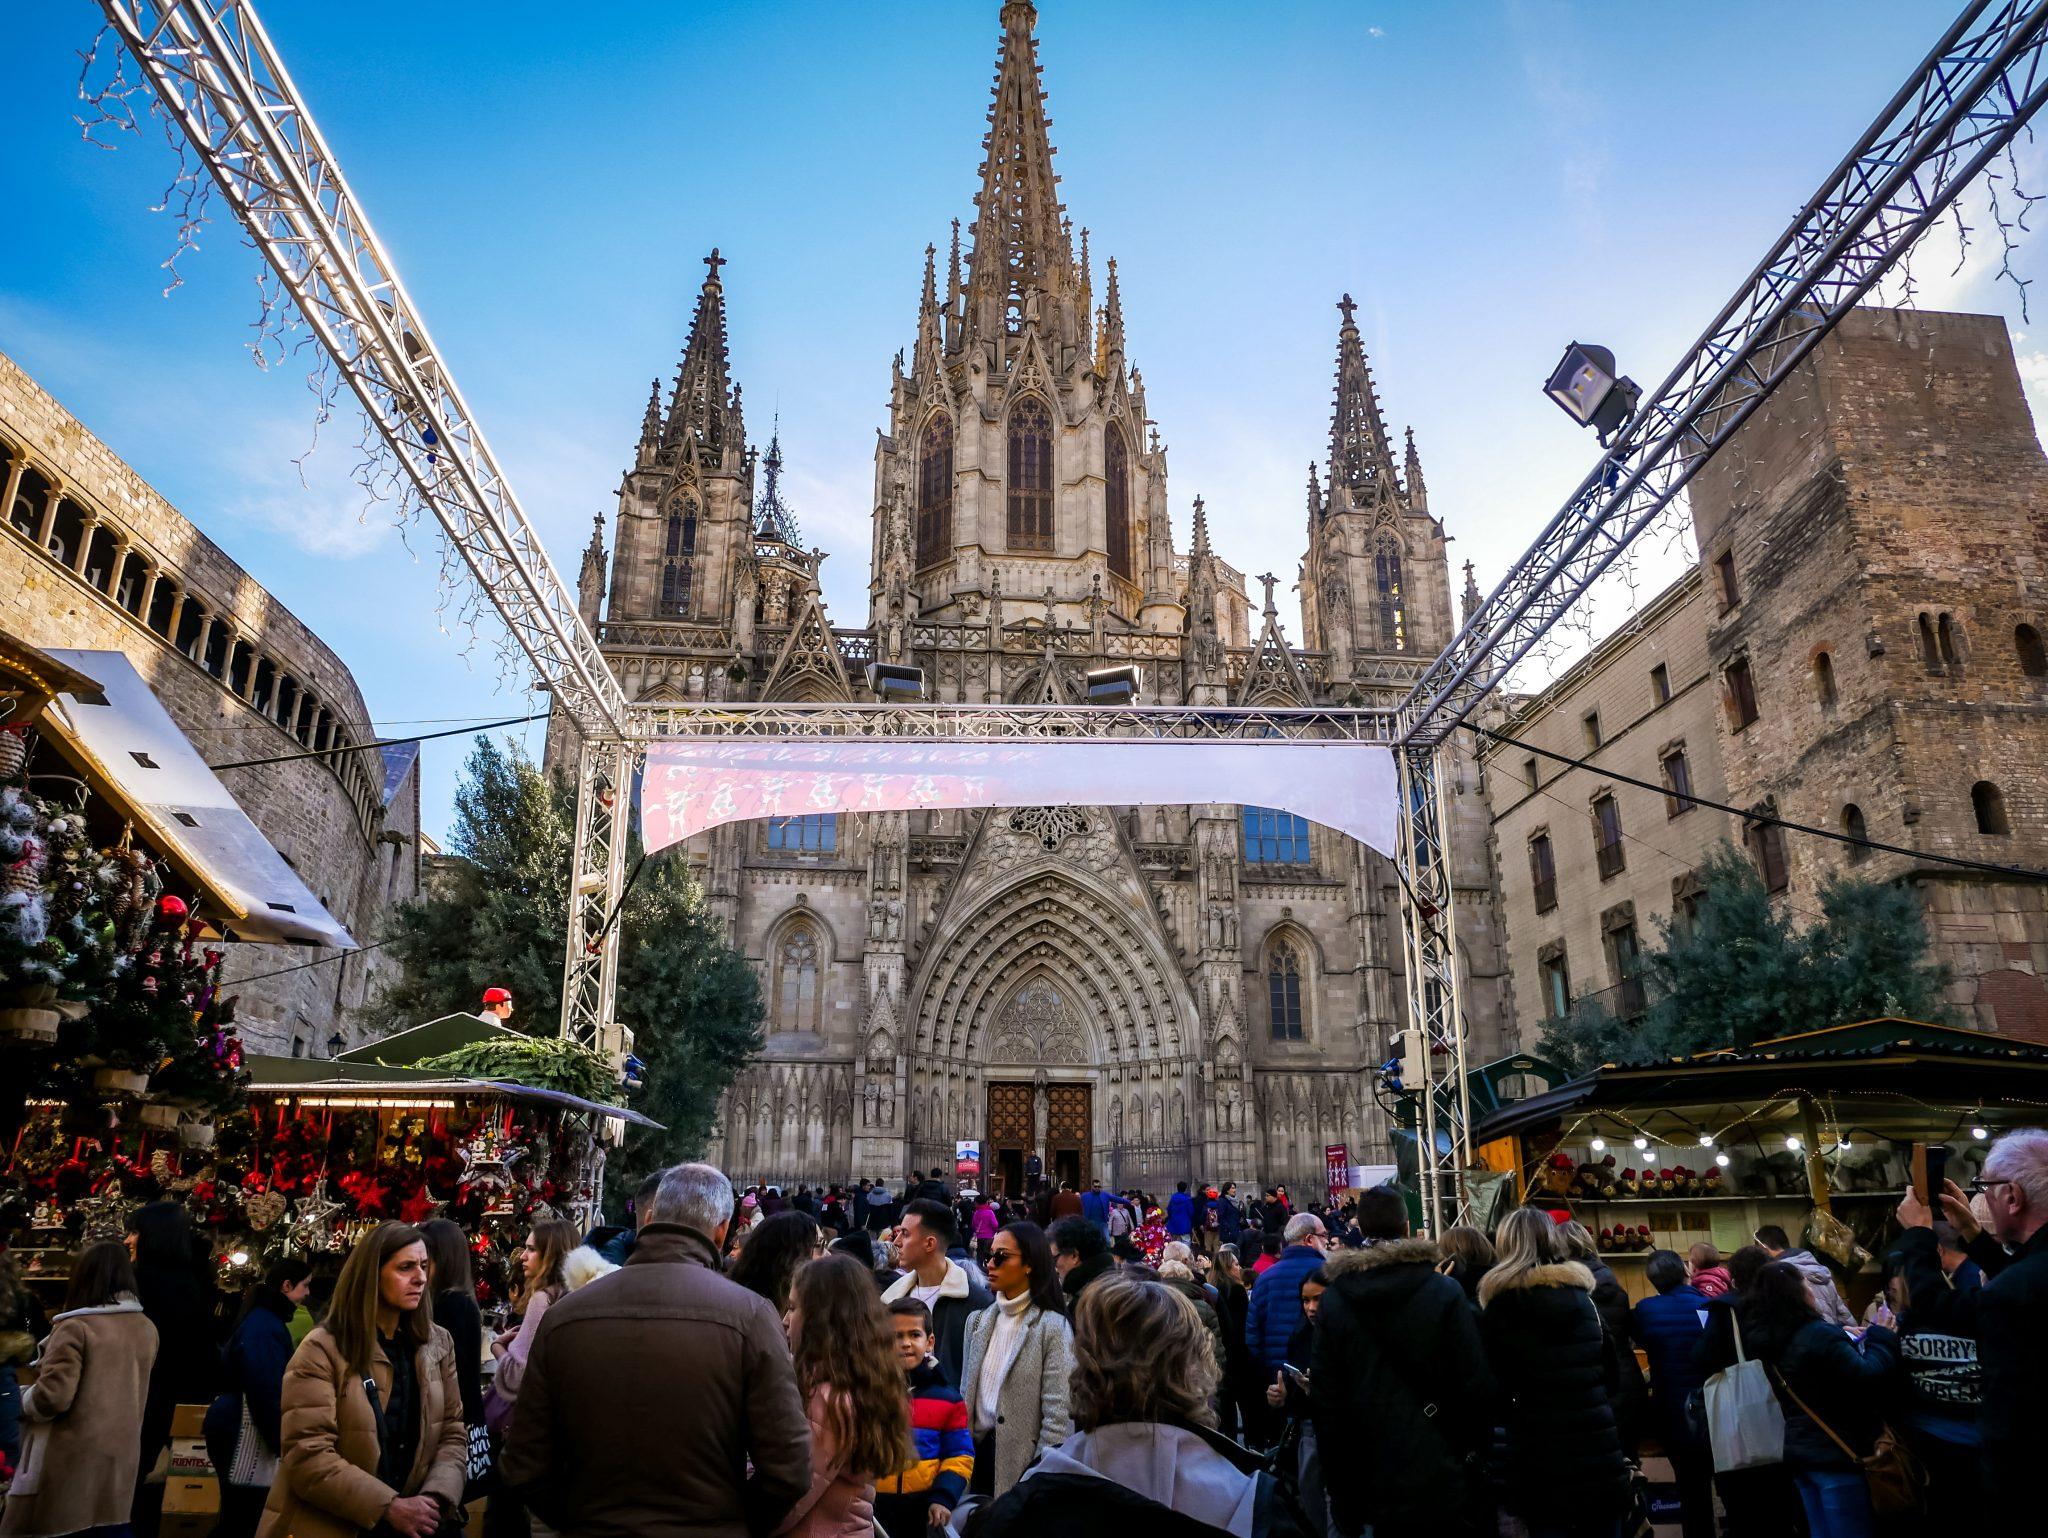 Der größte Weihnachtsmark von Barcelona befindet sich an der Kathedrale.